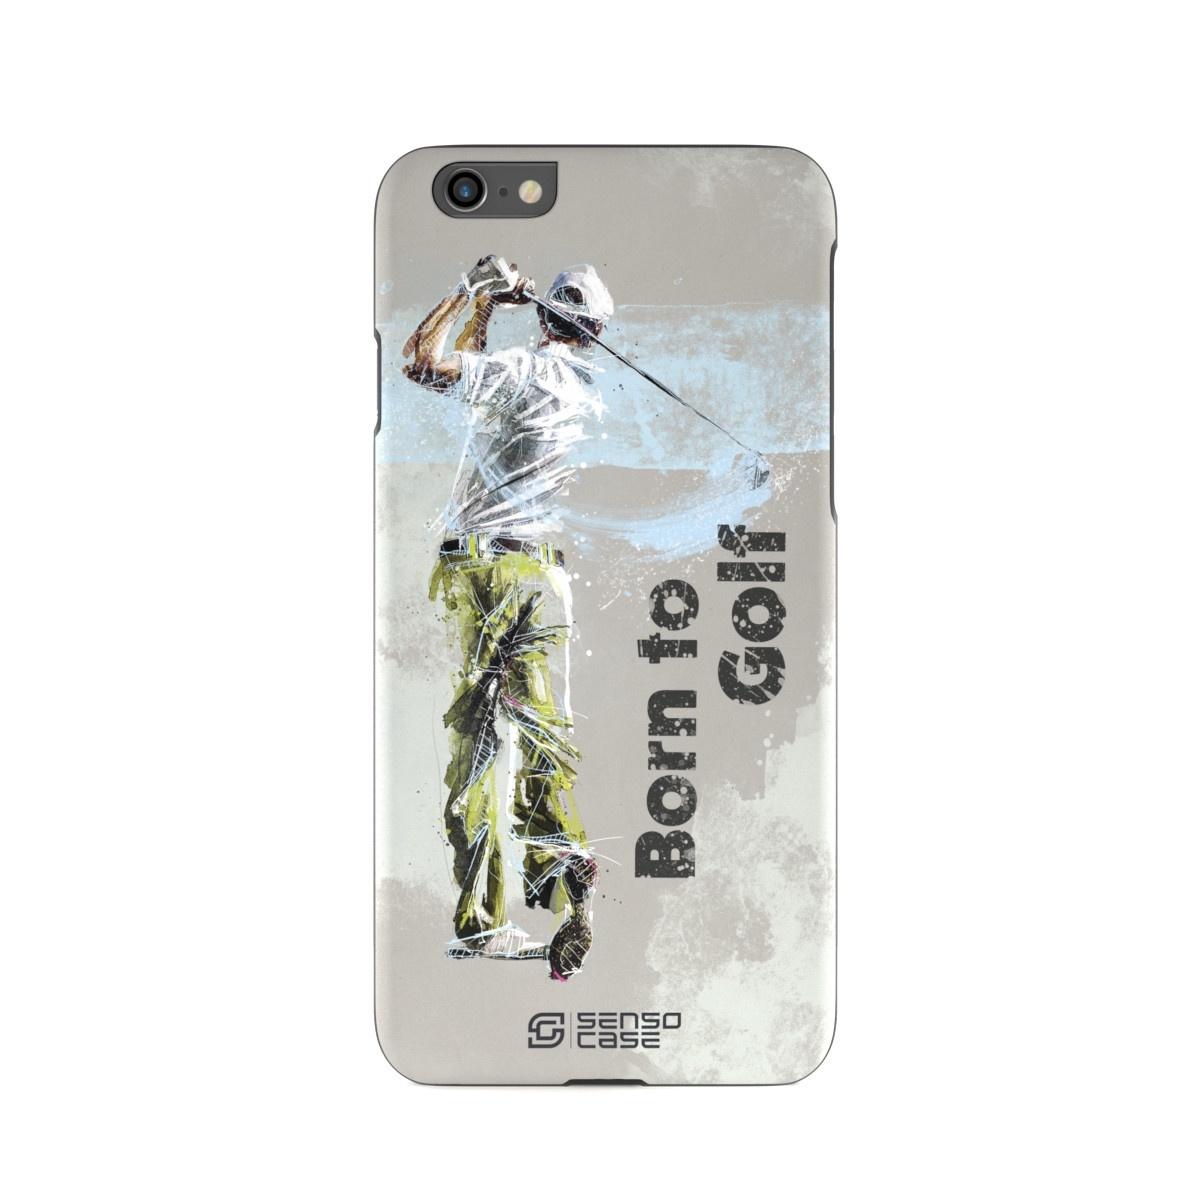 """Чехол для сотового телефона SensoCase iPhone 6/6s """"Гольф"""" , SC-IP6-golf + защитное стекло в подарок, 100027"""